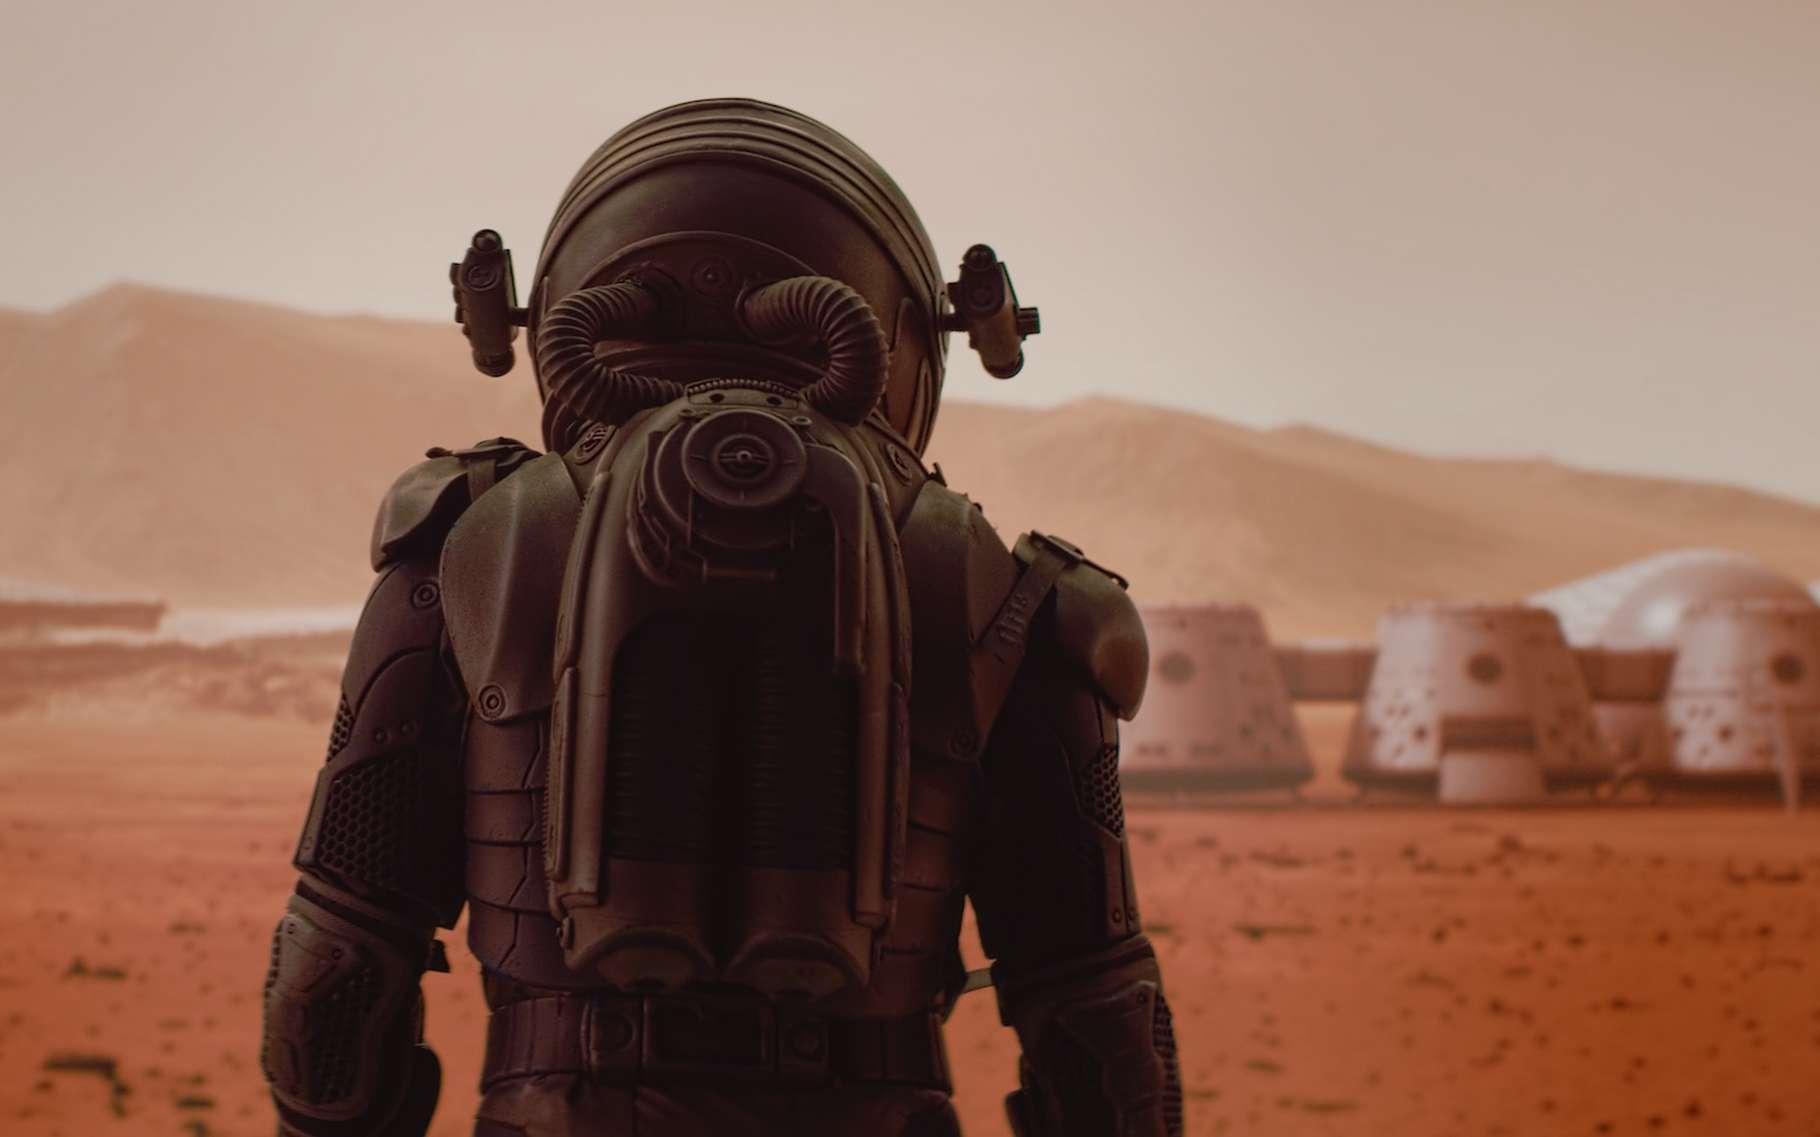 Des chercheurs de l'université de Manchester (Royaume-Uni) proposent une solution pour fabriquer des matériaux de construction sur Mars : utiliser le sang des astronautes. © daniilvolkov, Adobe Stock